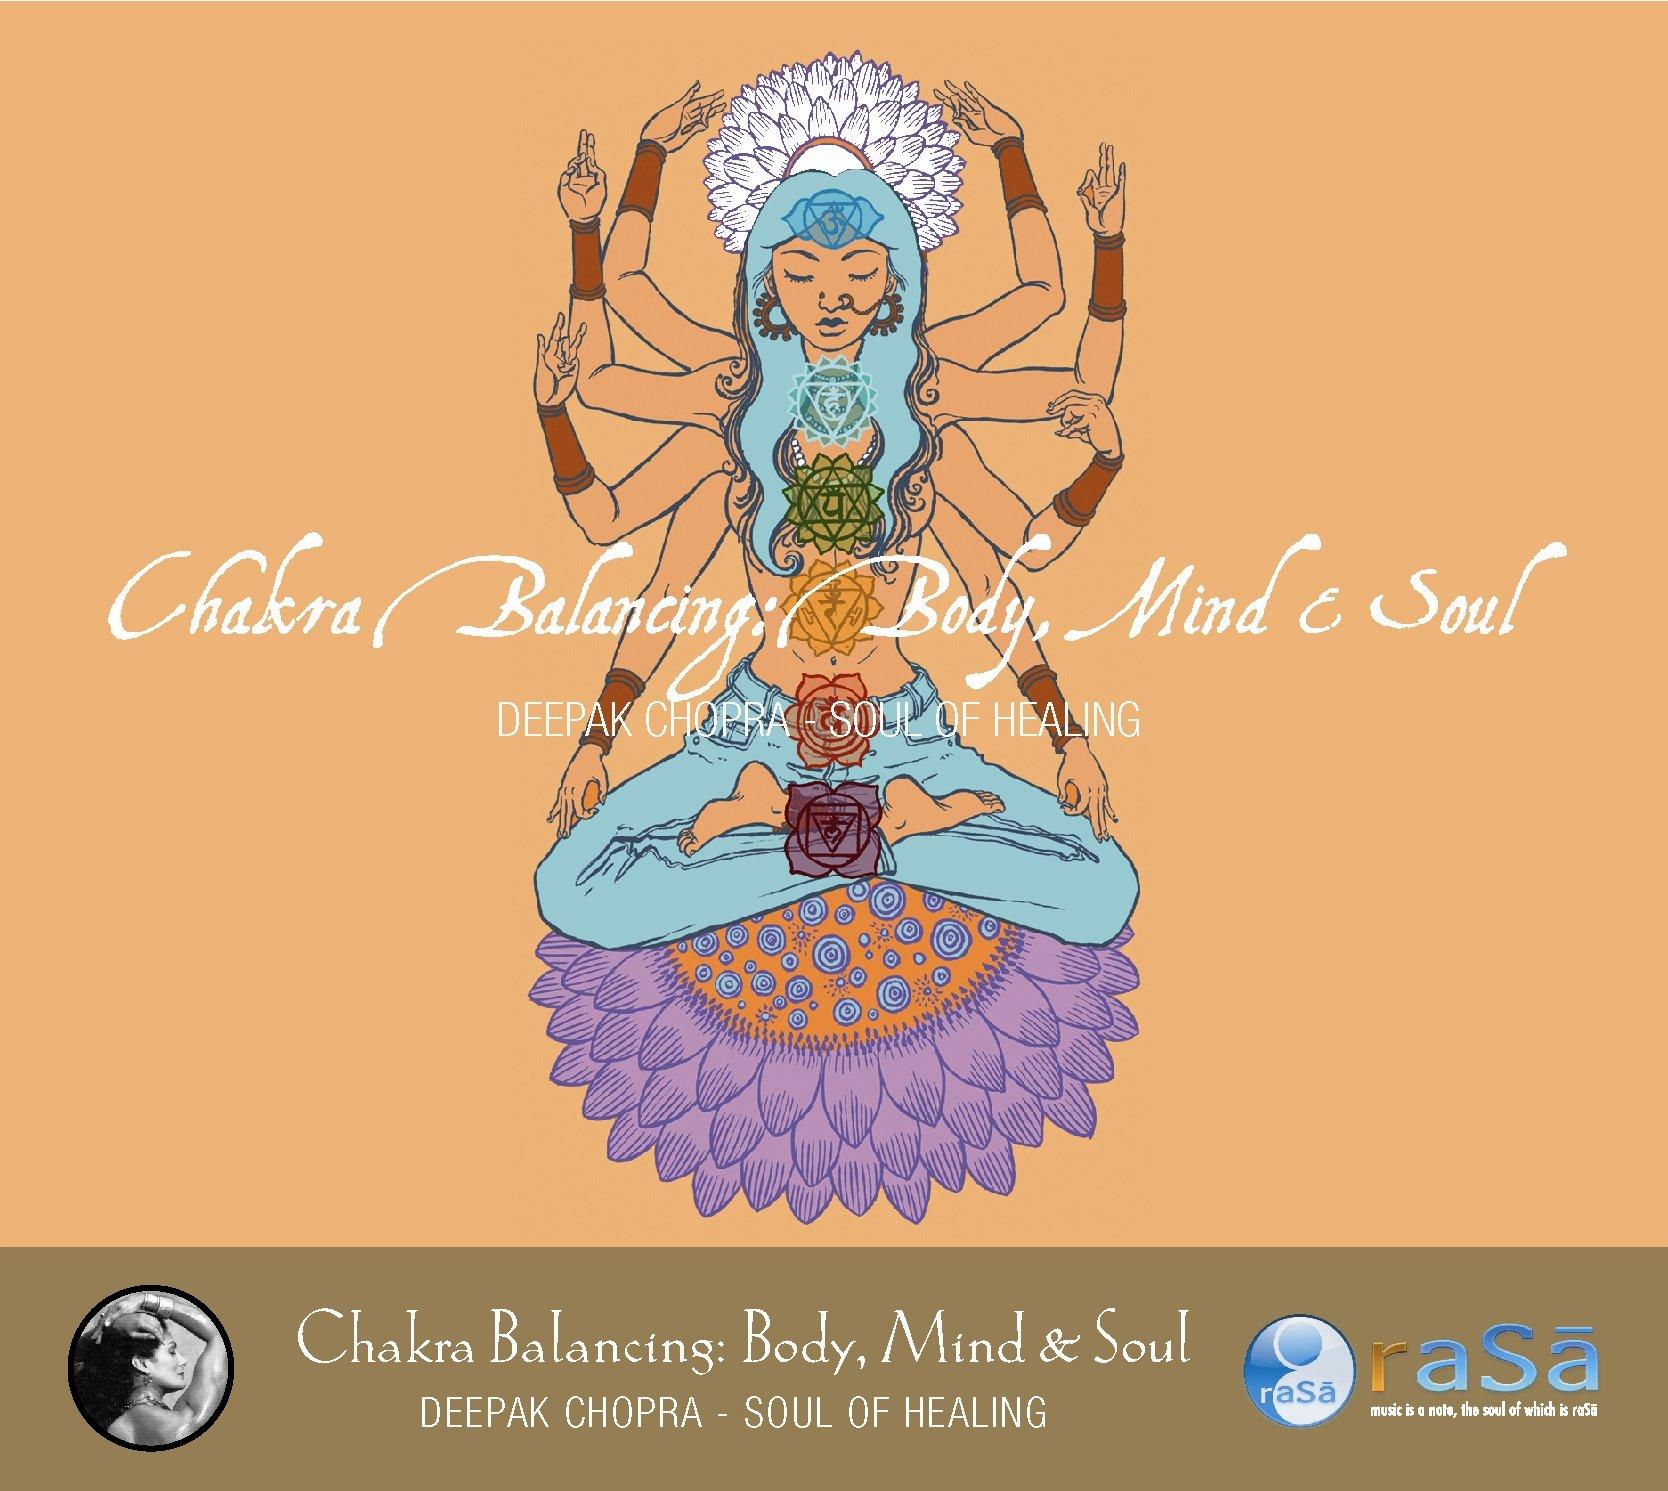 Chakra Balancing: Body, Mind & Soul by Rasa Music